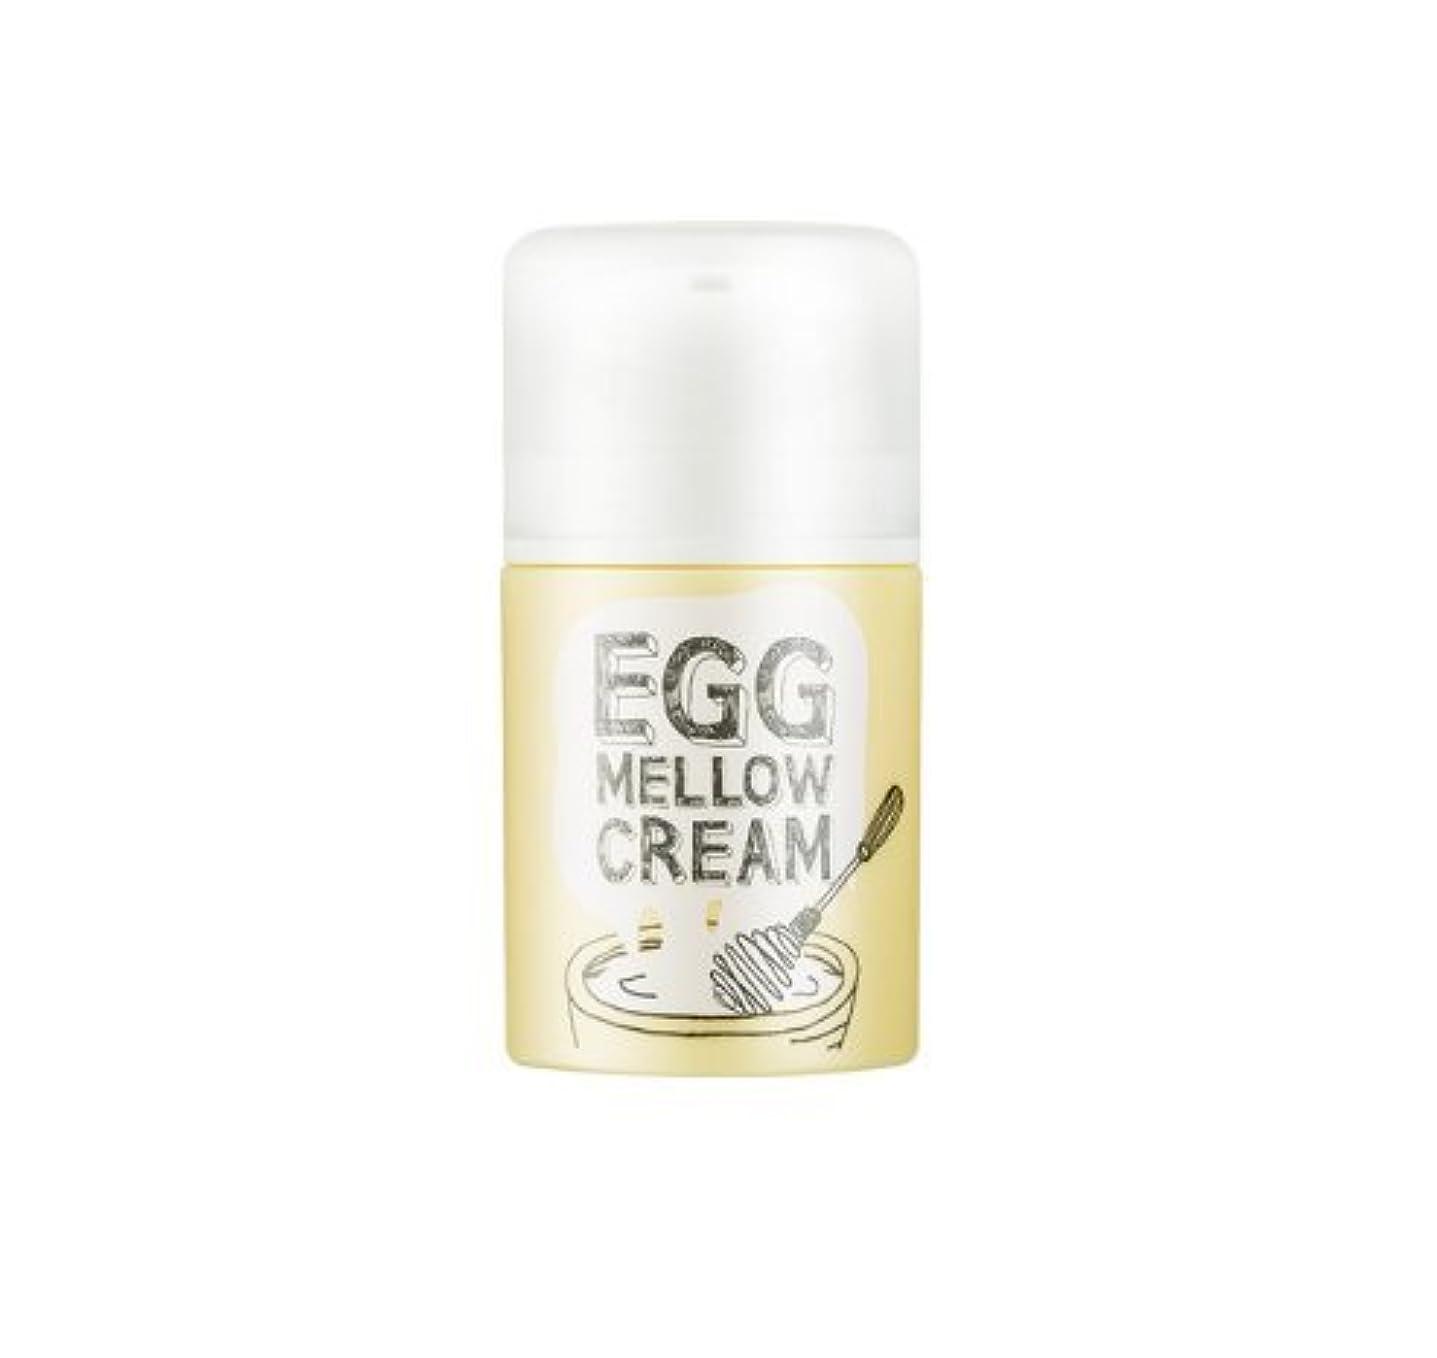 くぼみスリップシューズ包帯Too Cool For School エッグ メロウ クリーム (50g)/EGG MELLOW CREAM [並行輸入品]